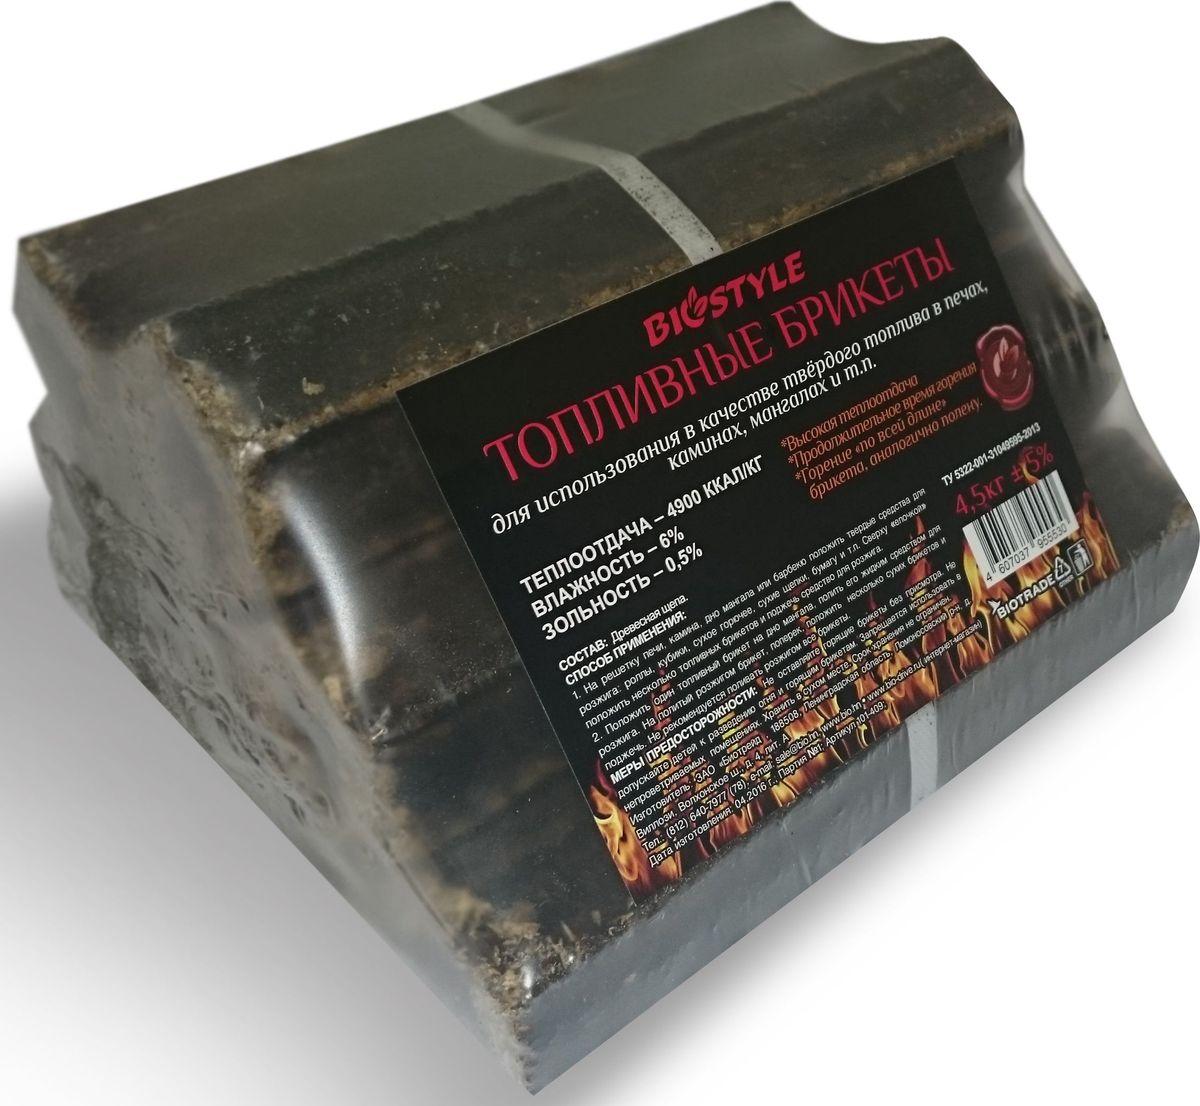 Брикеты для розжига Biostyle Piny Kay, топливные, 4,5 кг101-409Твердые топливные брикеты Biostyle Piny Kay имеют форму неправильного многогранника с отверстием внутри. Эти превосходные современные дрова произведены путем прессования сухой измельченной древесины под высоким давлением и при высокой температуре. Они имеют максимальную продолжительность горения и теплоту сгорания. Такие топливные брикеты более стойки к механическим воздействиям и повышенной влажности. Евродрова этого типа горят красивым ровным пламенем и являются отличной заменой березовым дровам. Поэтому рекомендуем использовать их в каминах.Теплоотдача: 4900 ккал/кг.Влажность: 6 %.Зольность: 0,5 %.Состав: древесная щепа.